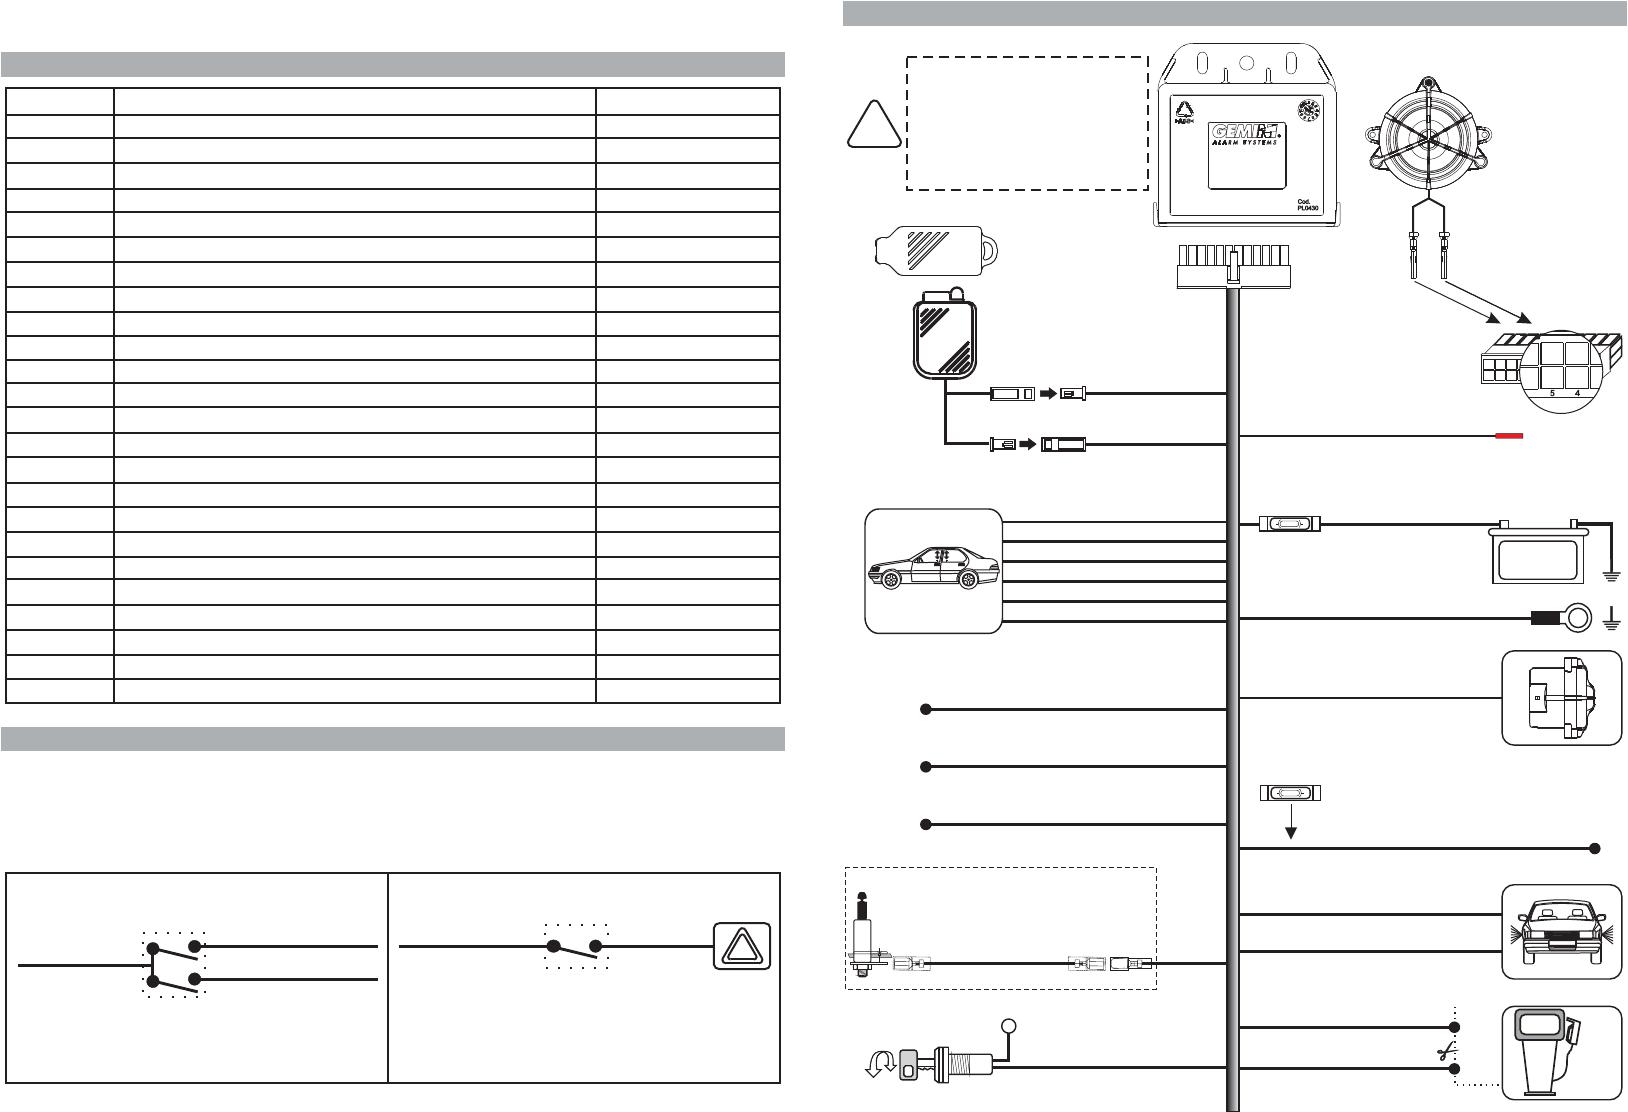 Handleiding gemini 863 pagina 1 van 8 english bonnet push button negative input asfbconference2016 Images